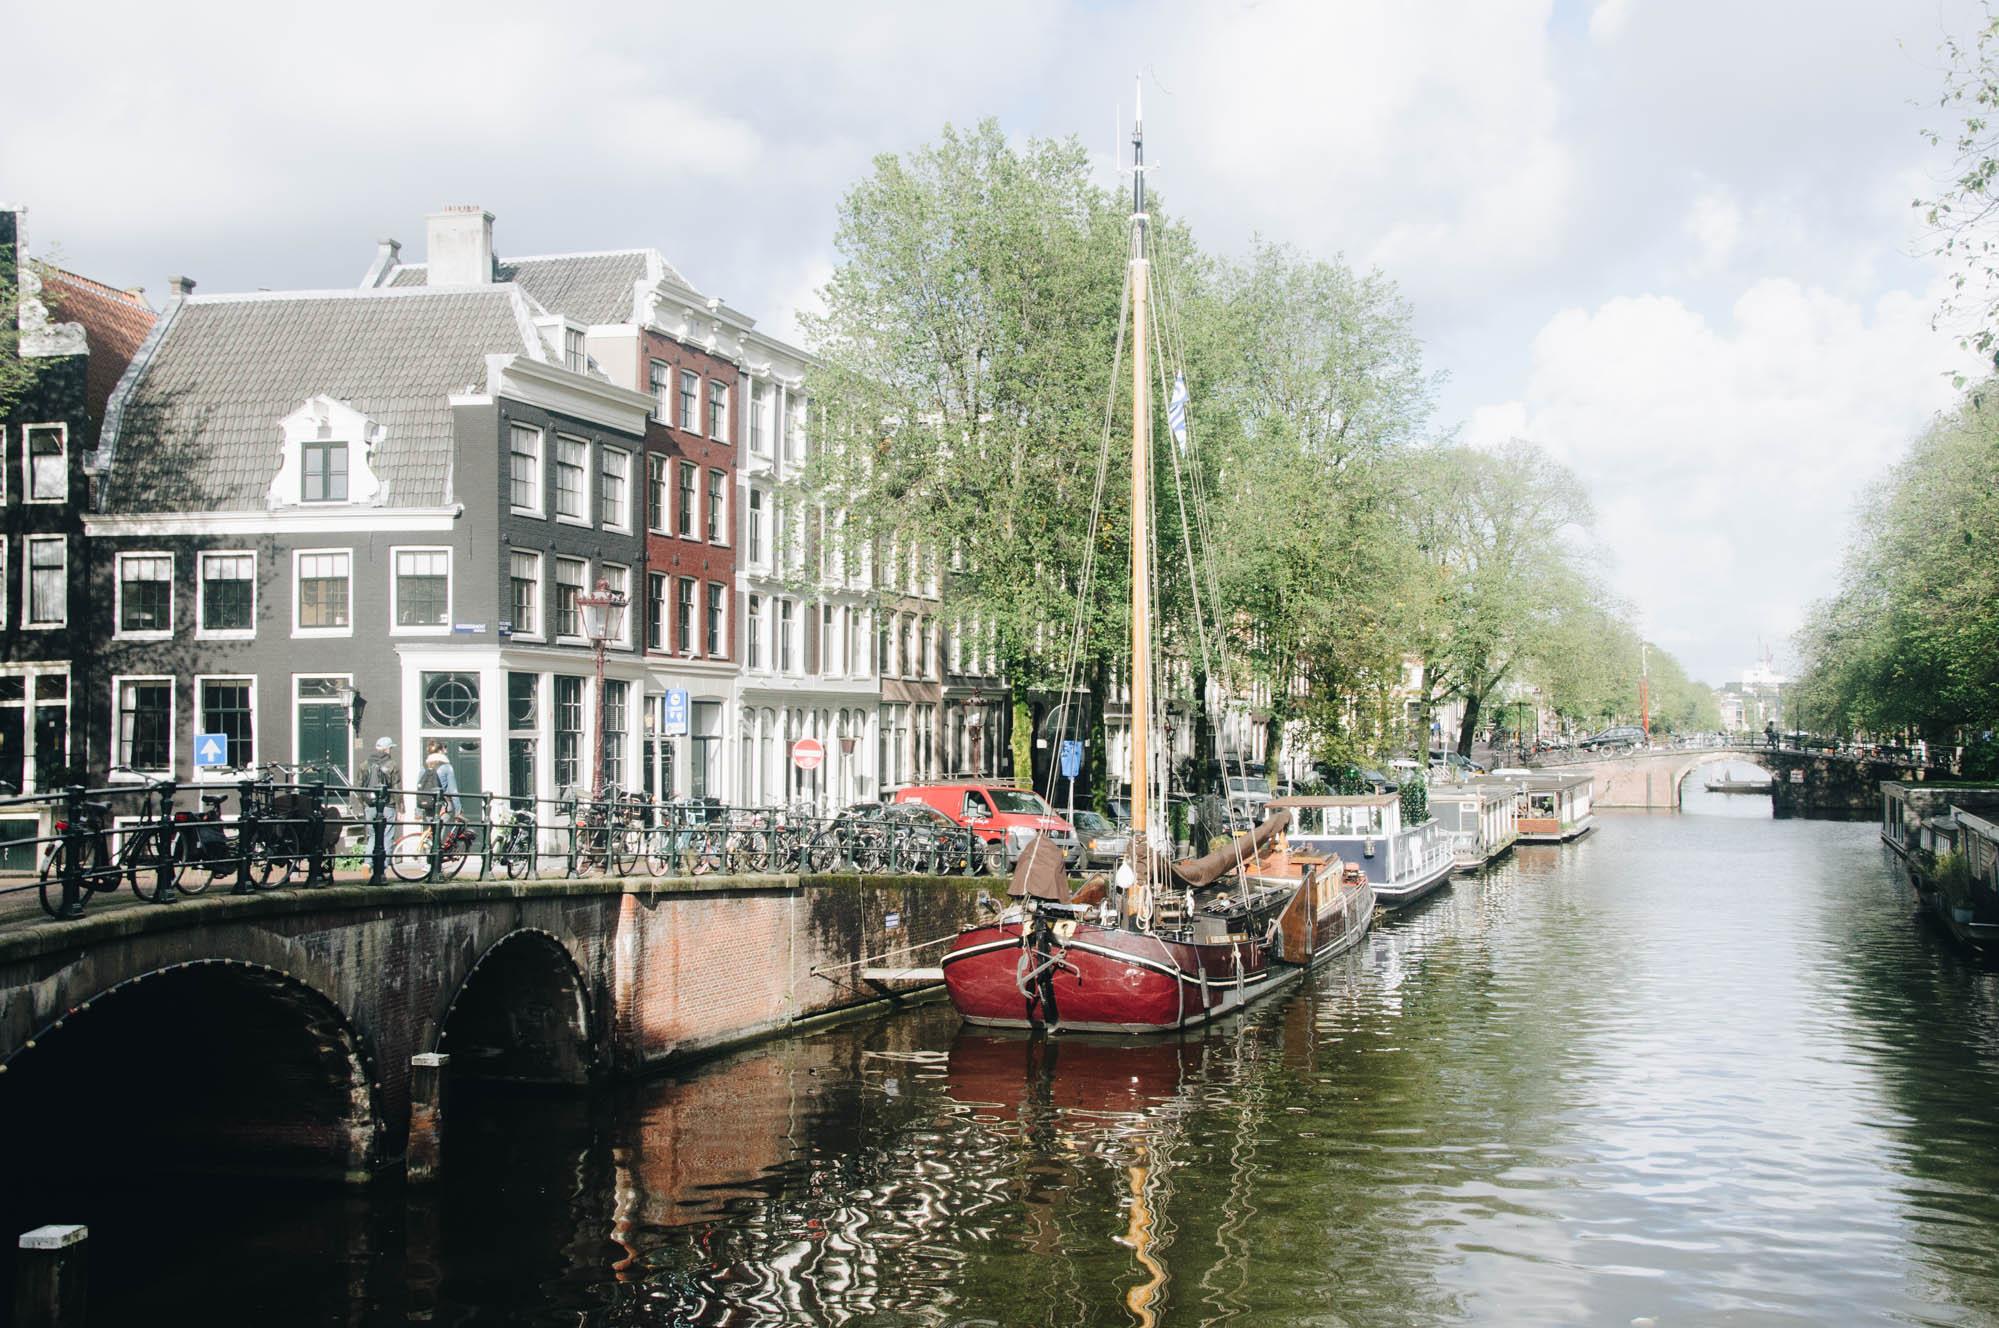 Les canaux d'Amsterdam - Un enchantement!